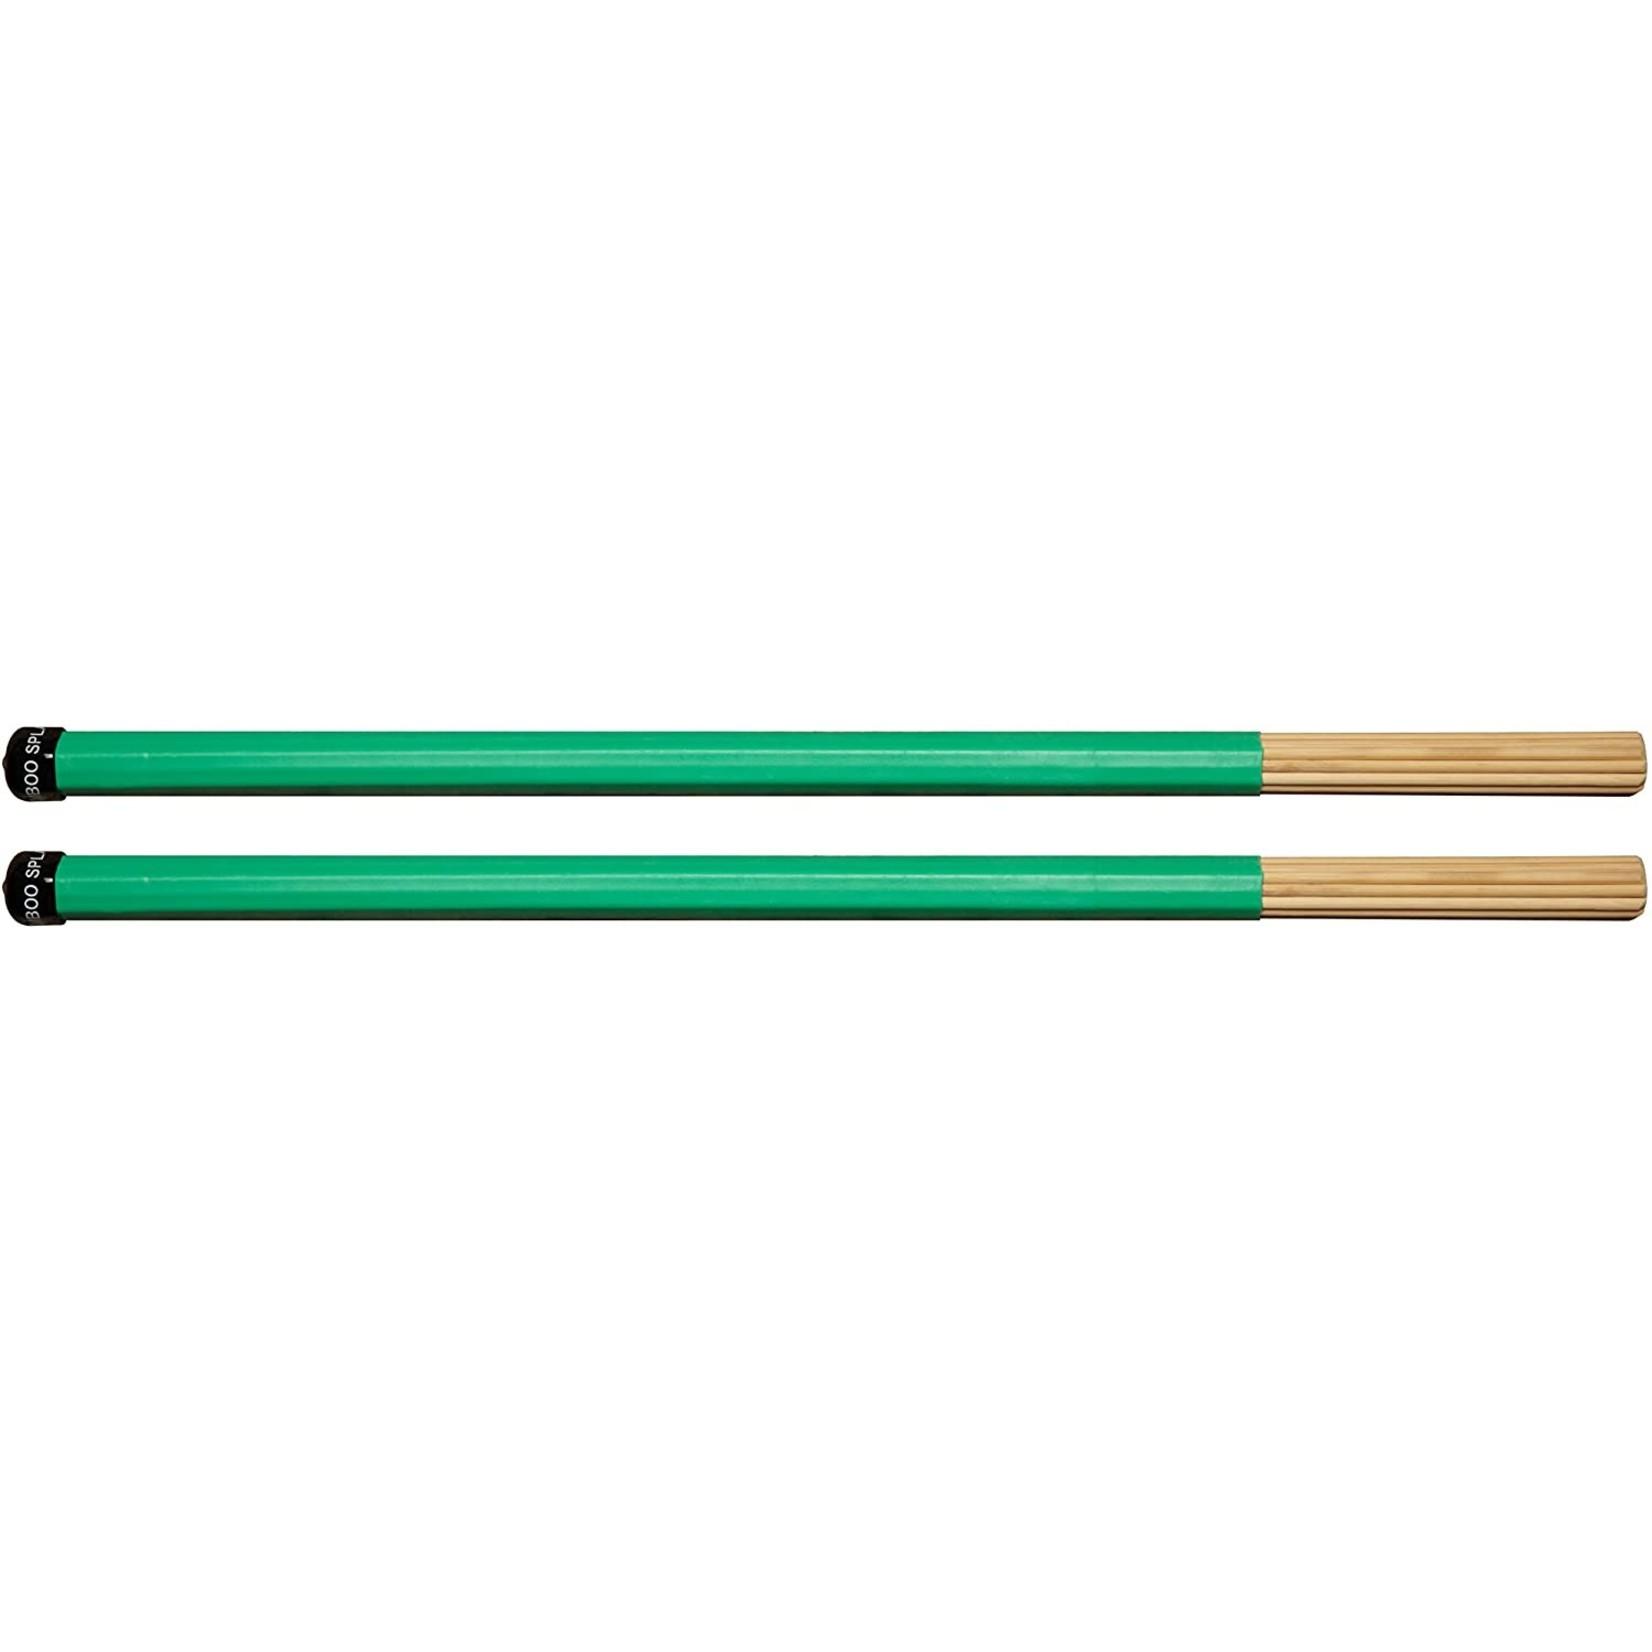 Vater Vater Bamboo Splashstick